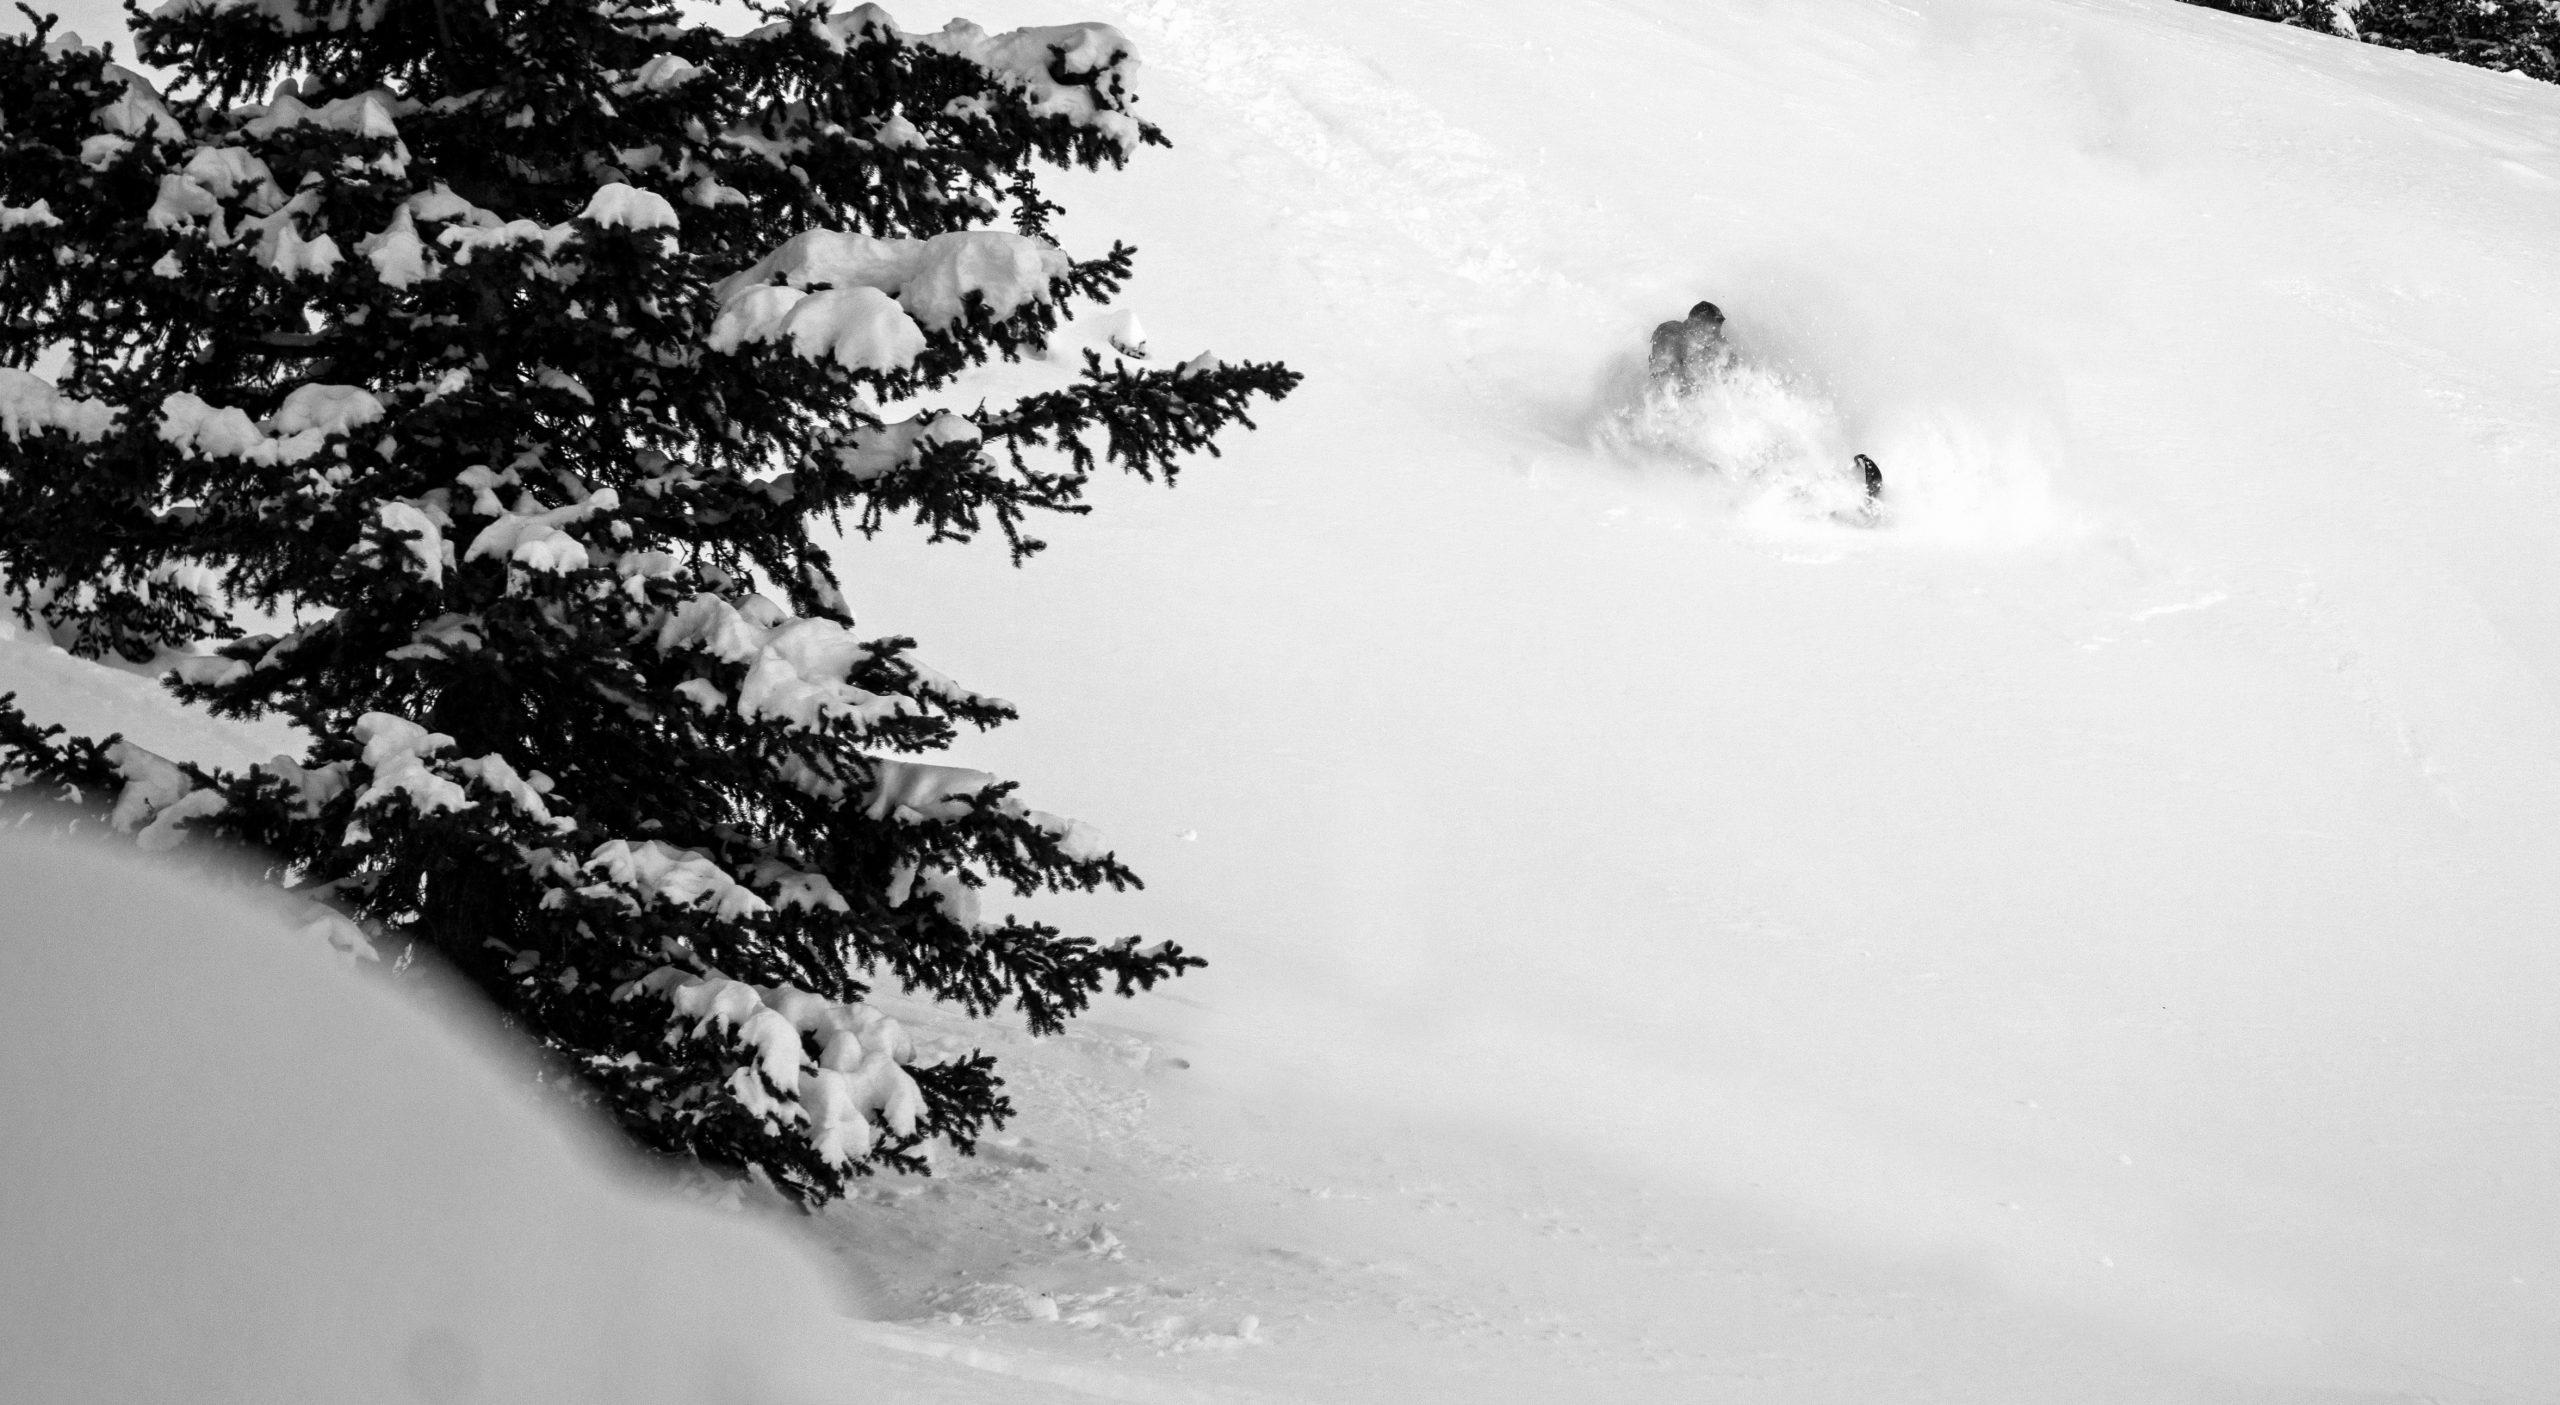 North_sled